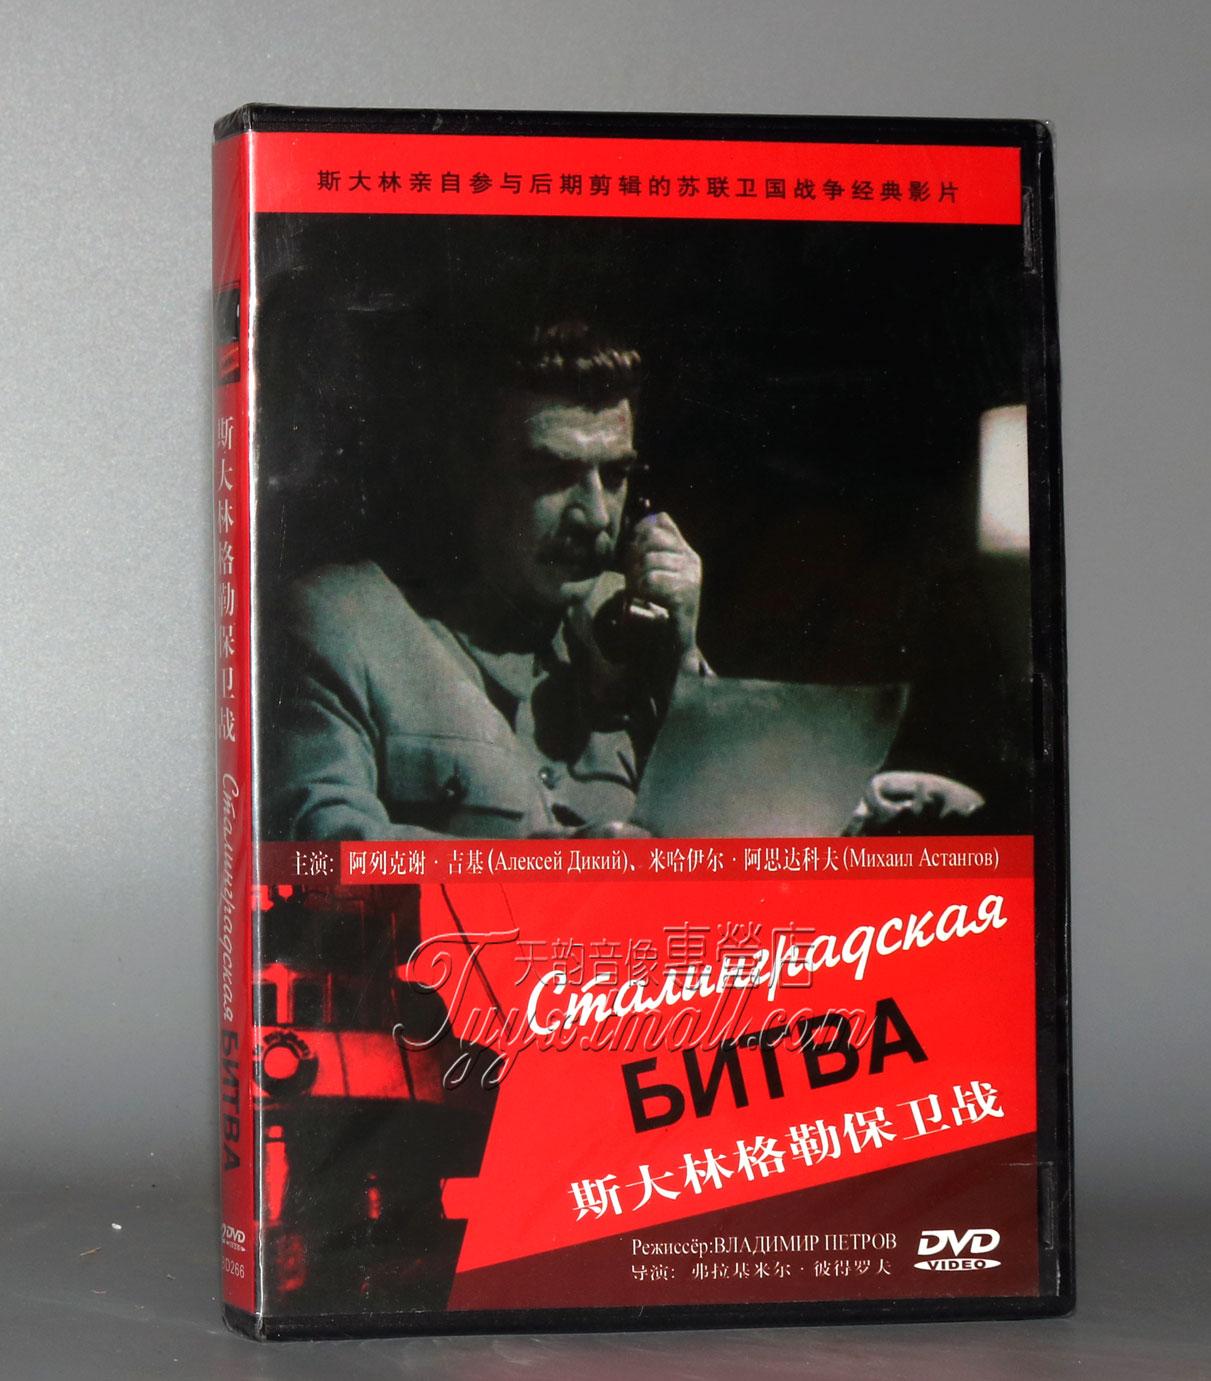 电影碟片正版光盘 前苏联经典战争影片 斯大林格勒保卫战 2DVD